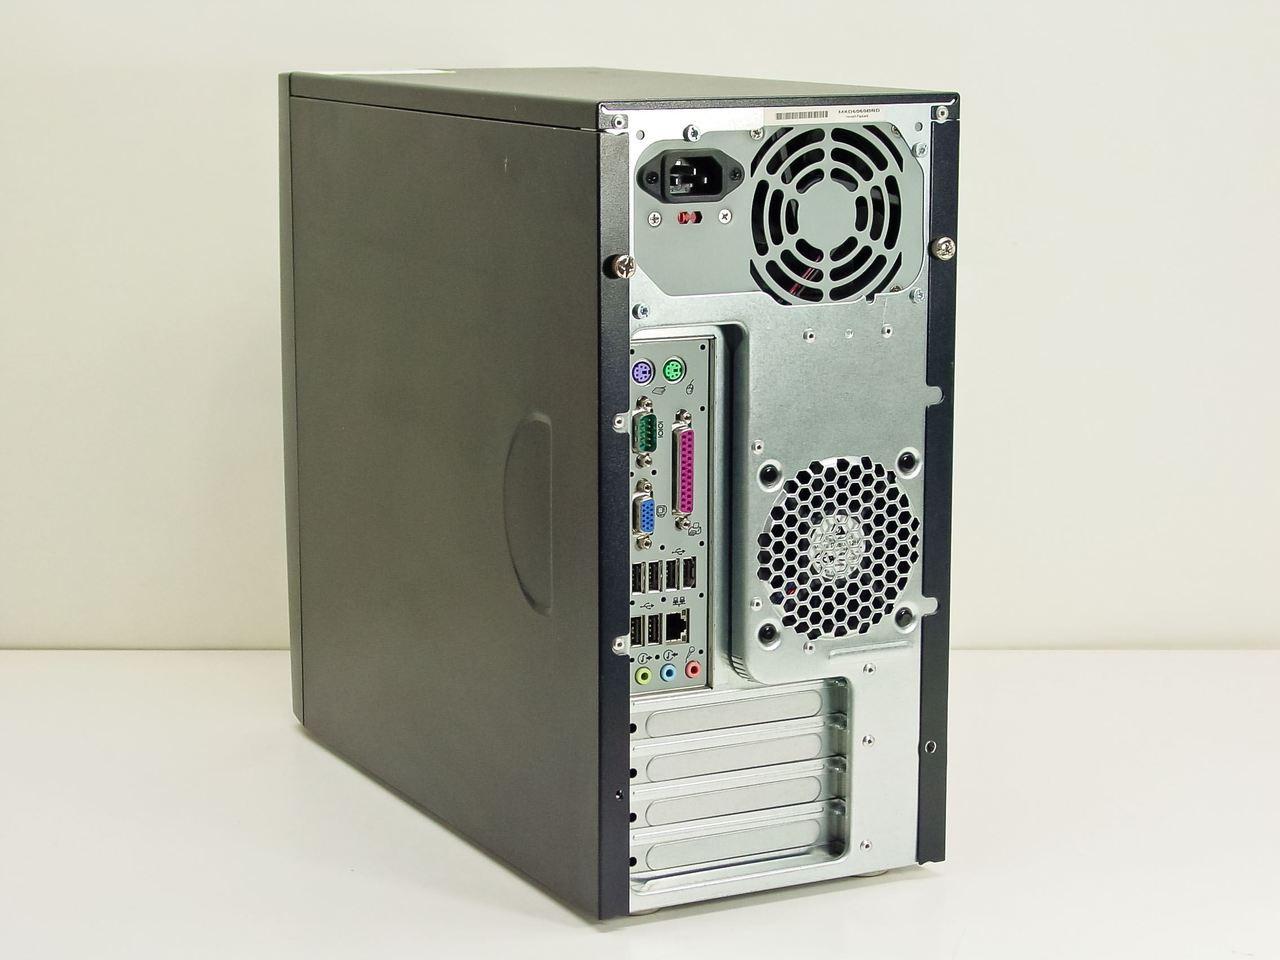 HP COMPAQ DX2000 ST TREIBER